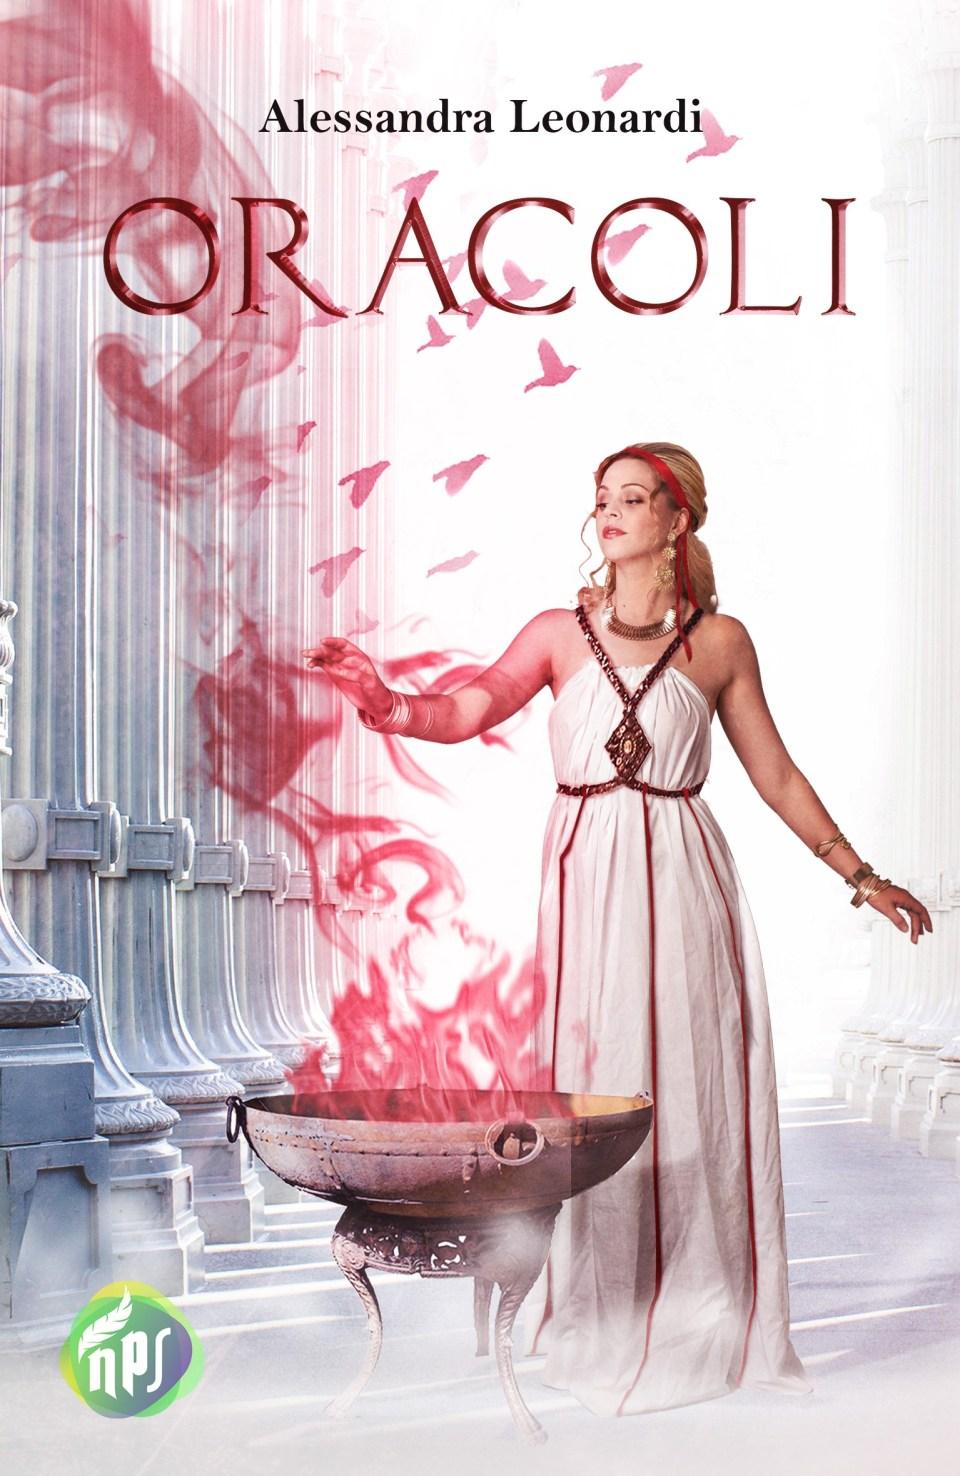 Oracoli Book Cover